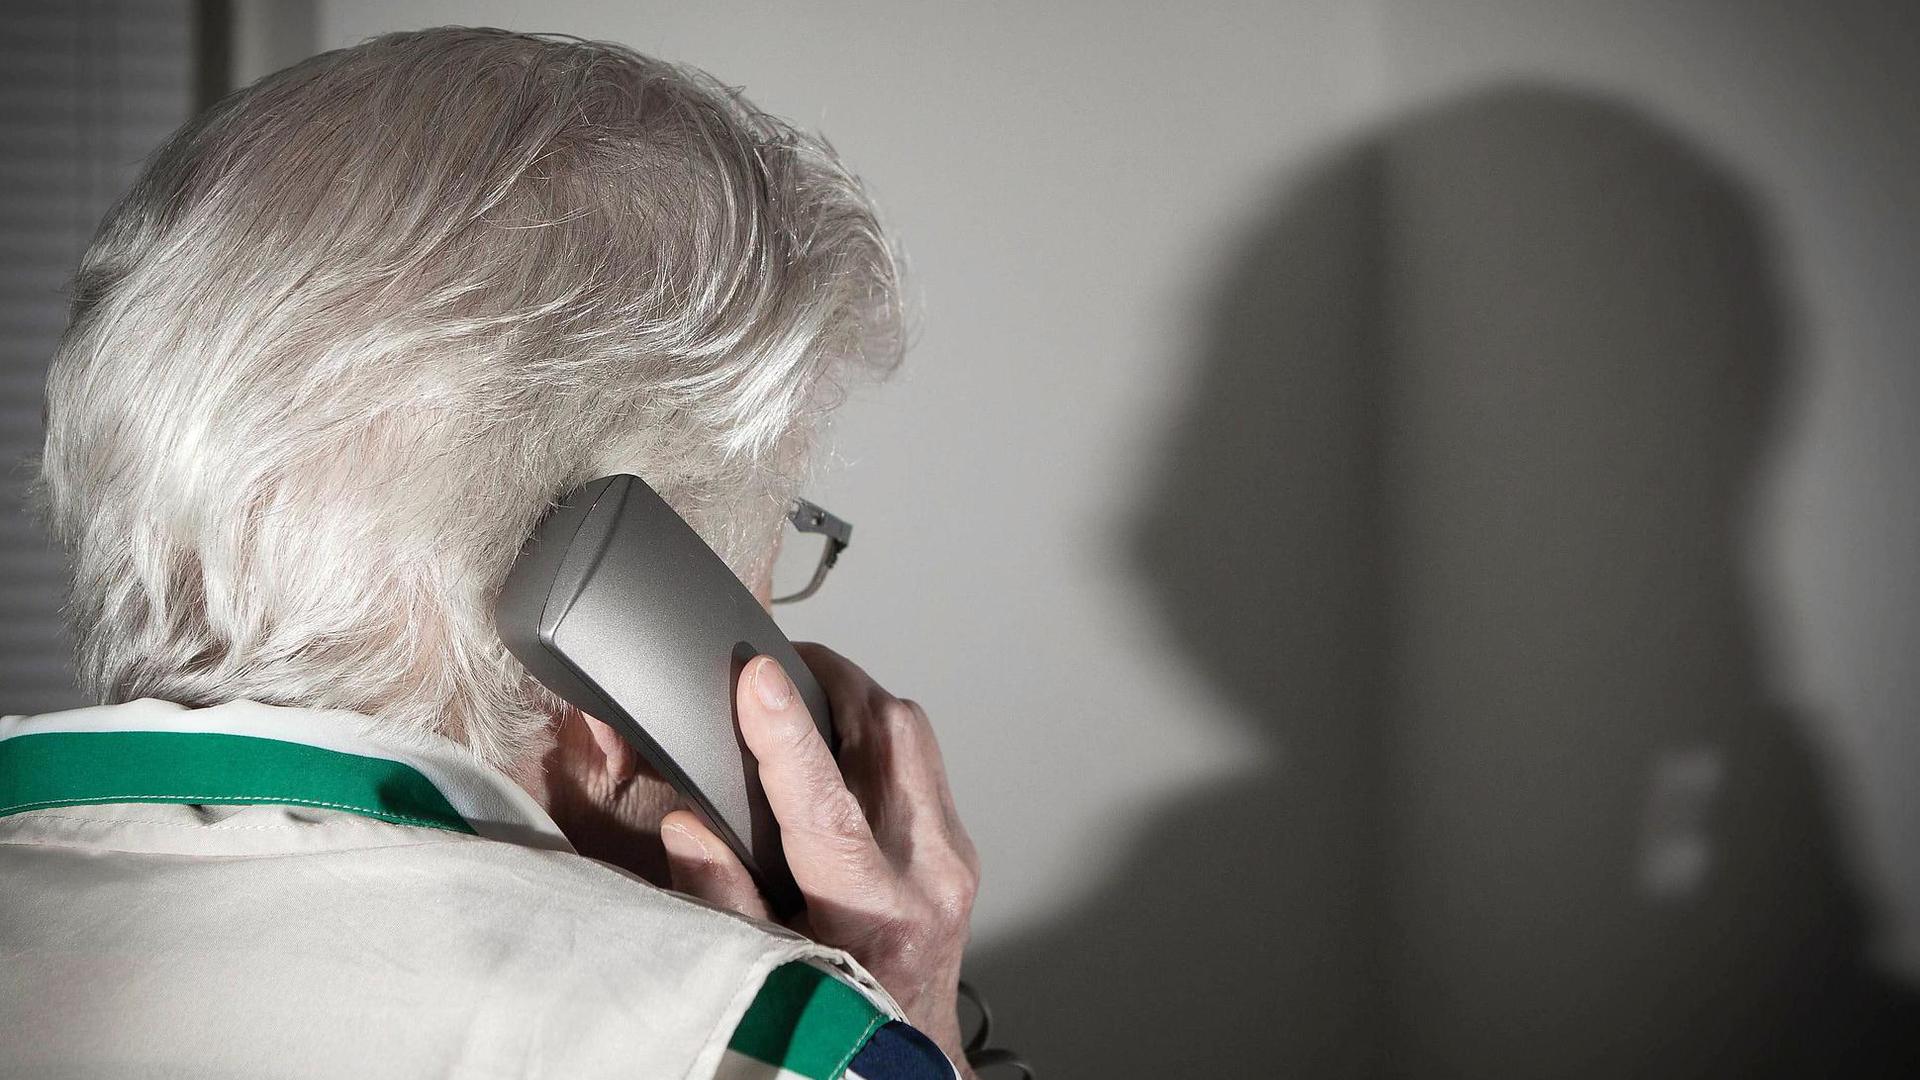 Мошенники обманули пенсионера